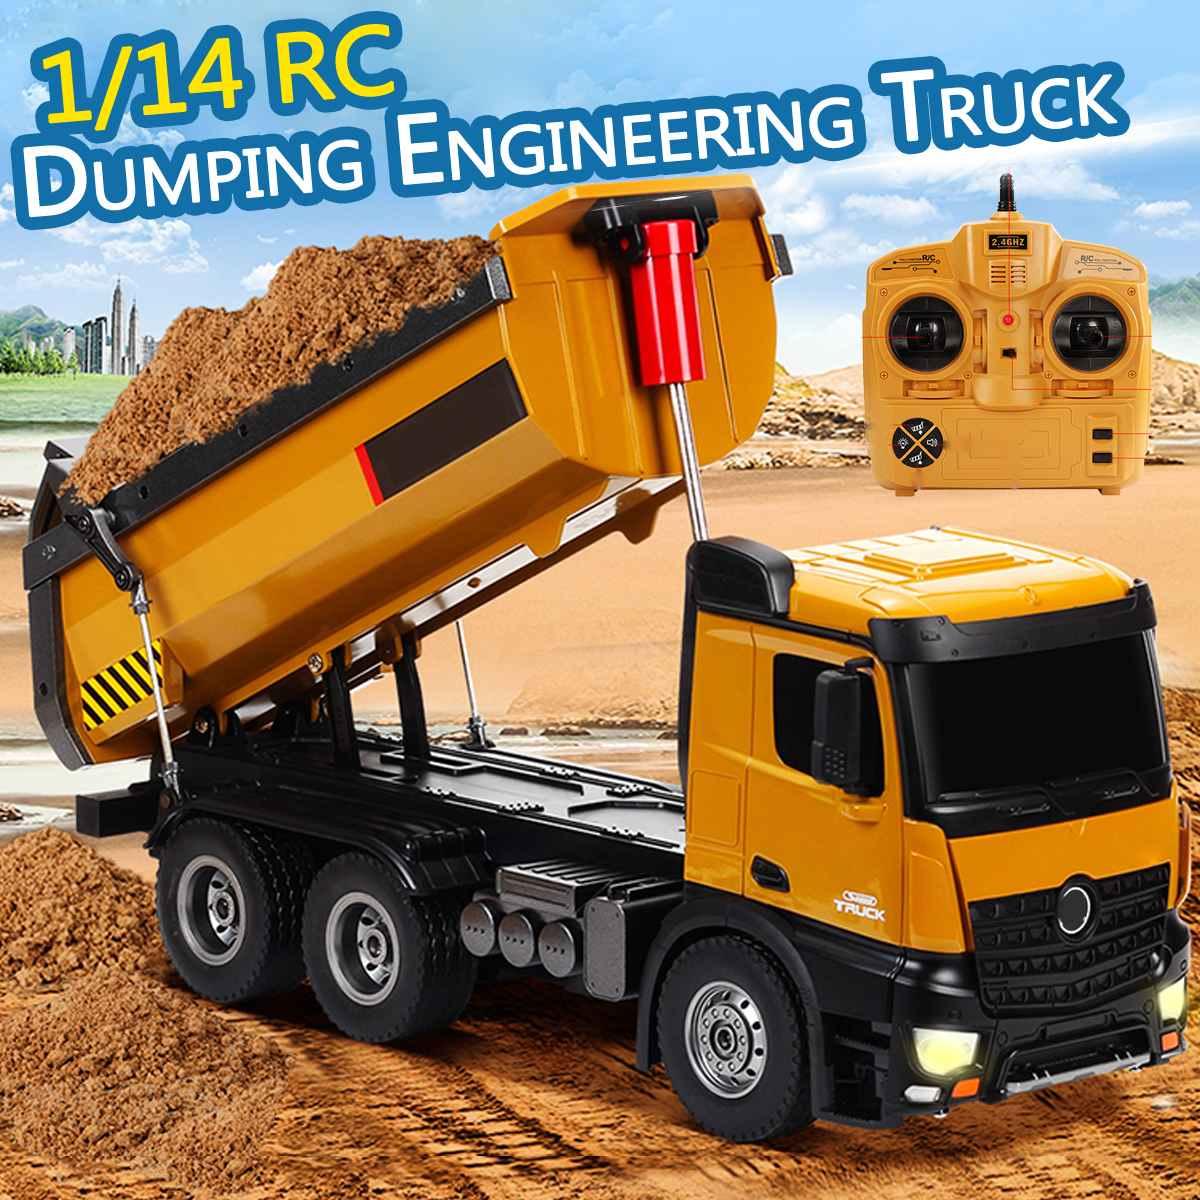 1:14 camion radio-télécommandé 10CH Alliage RC camions benne D'ingénierie Construction Voiture voiture télécommandée Jouet RTR camion radio-télécommandé Cadeau Pour Garçon